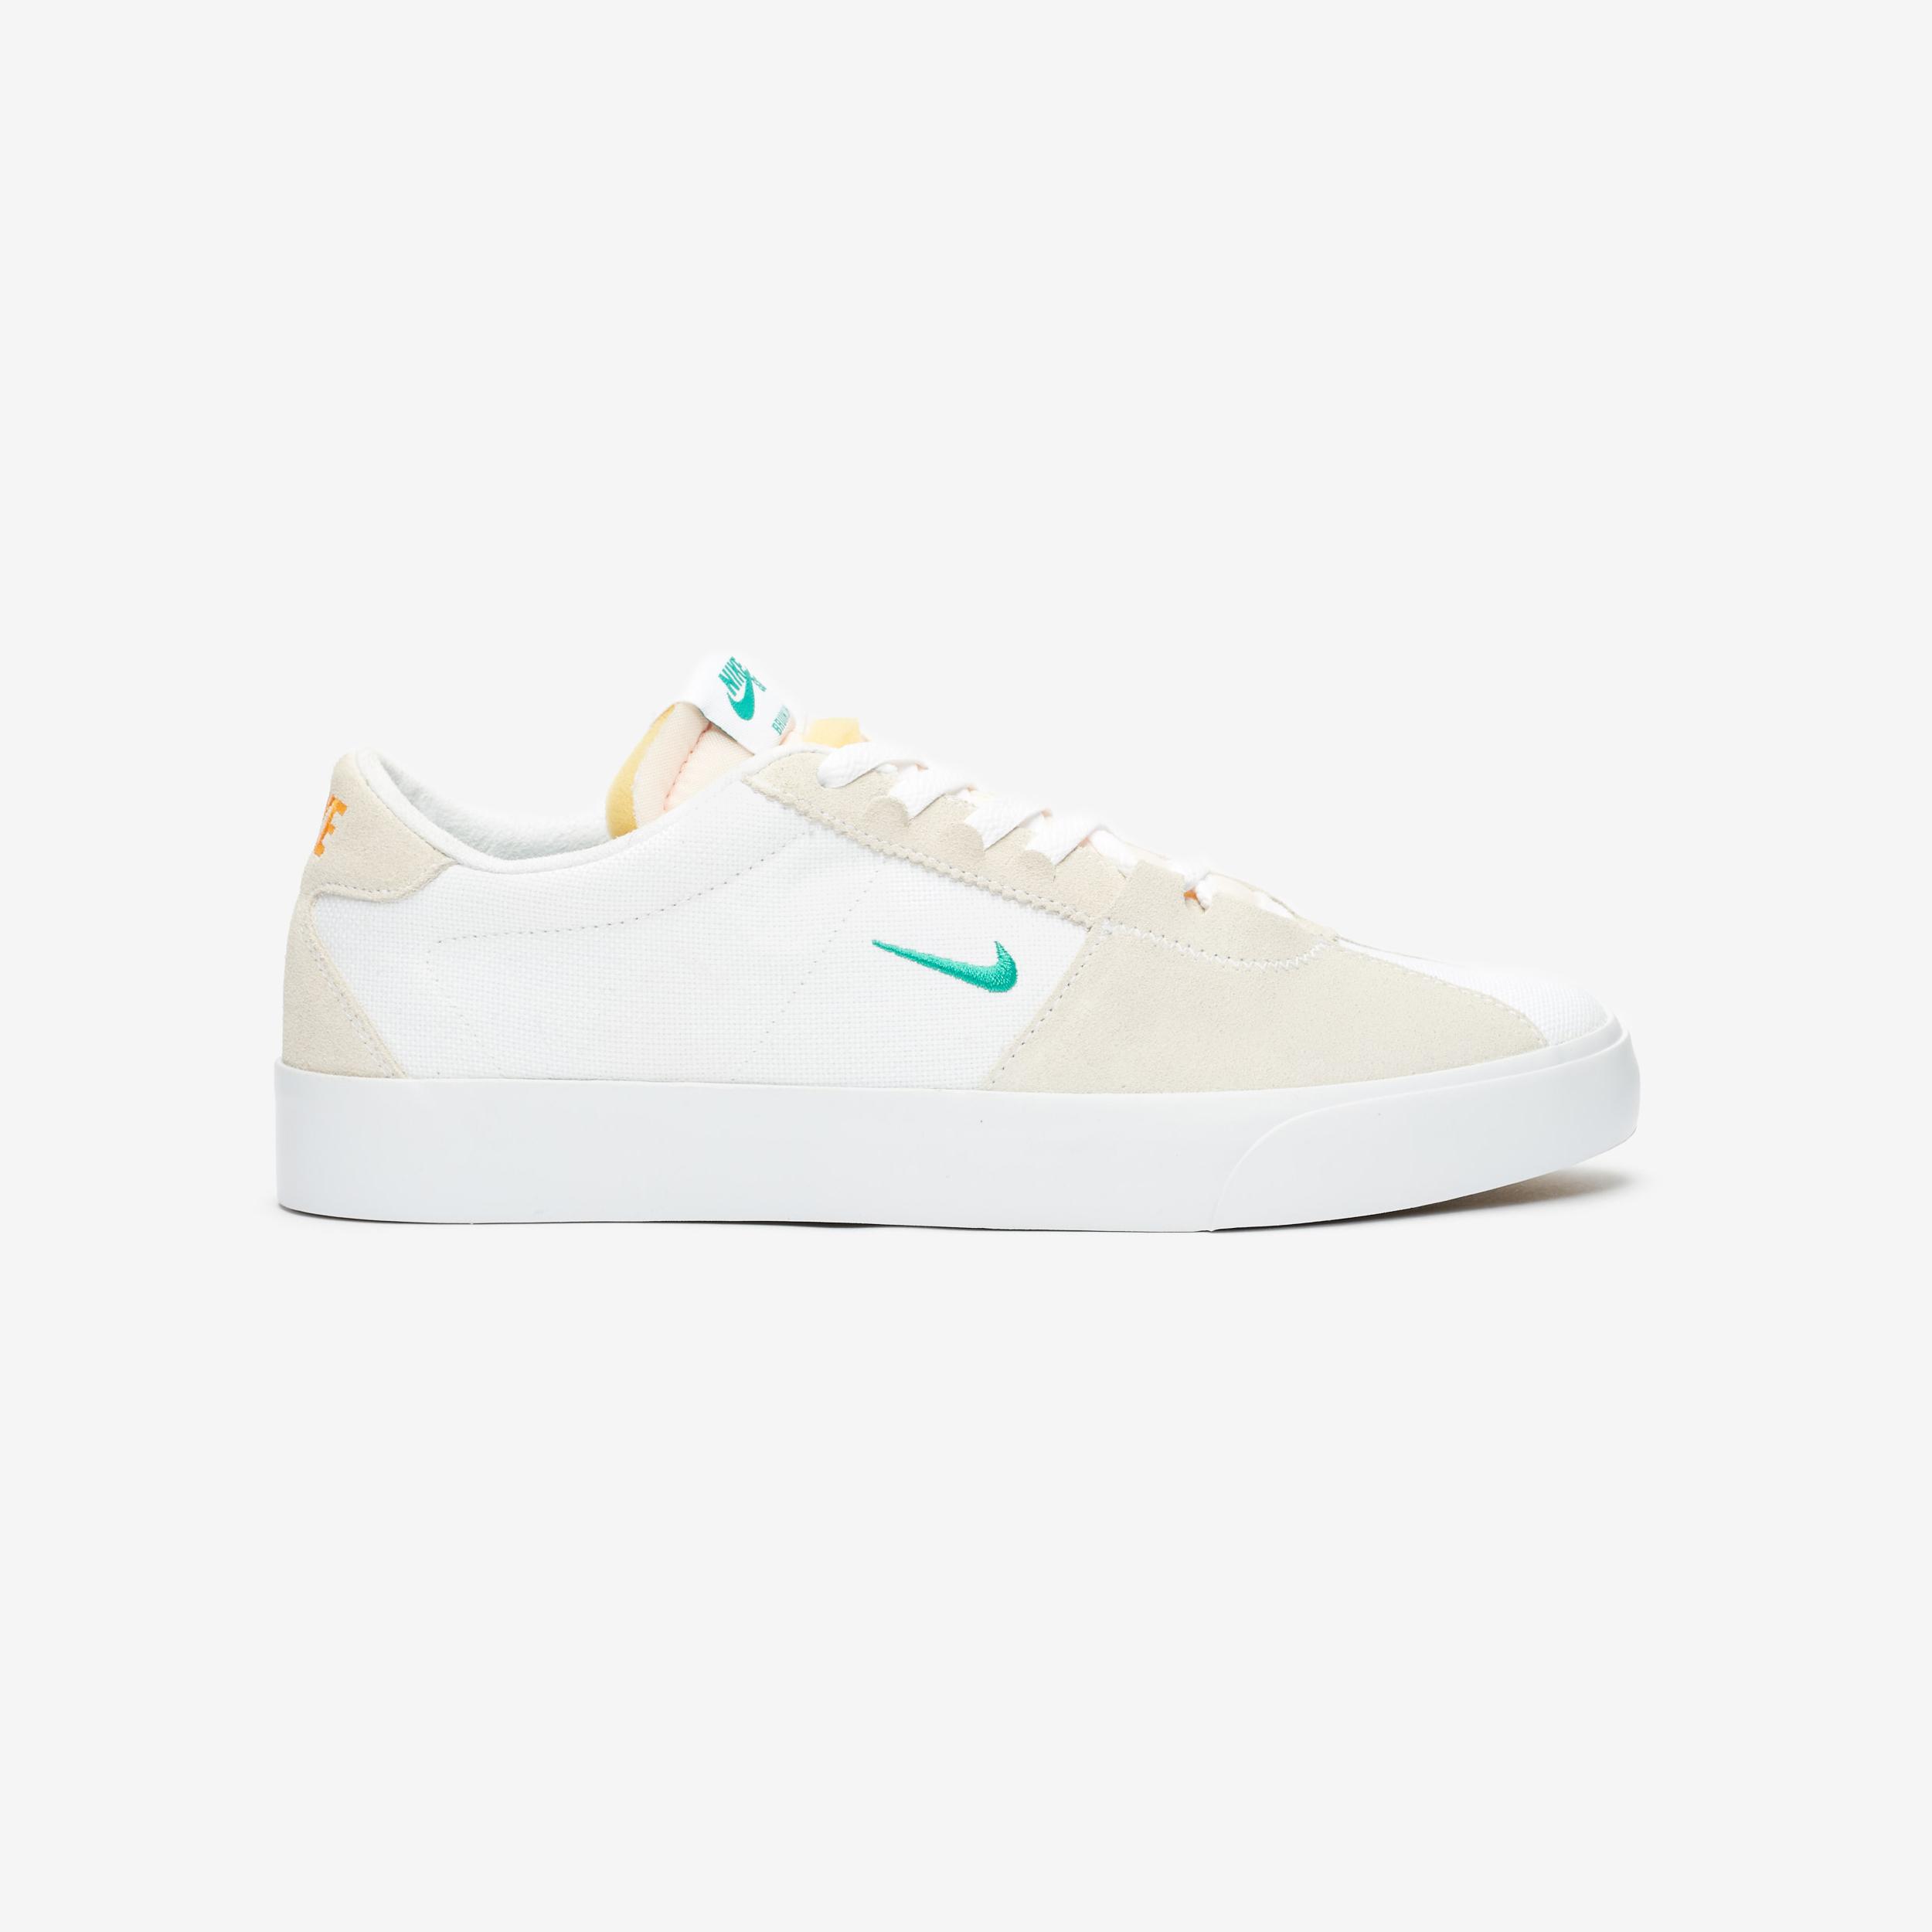 Nike SB Air Zoom Bruin Edge - Cd5036-100 - SNS | sneakers ...